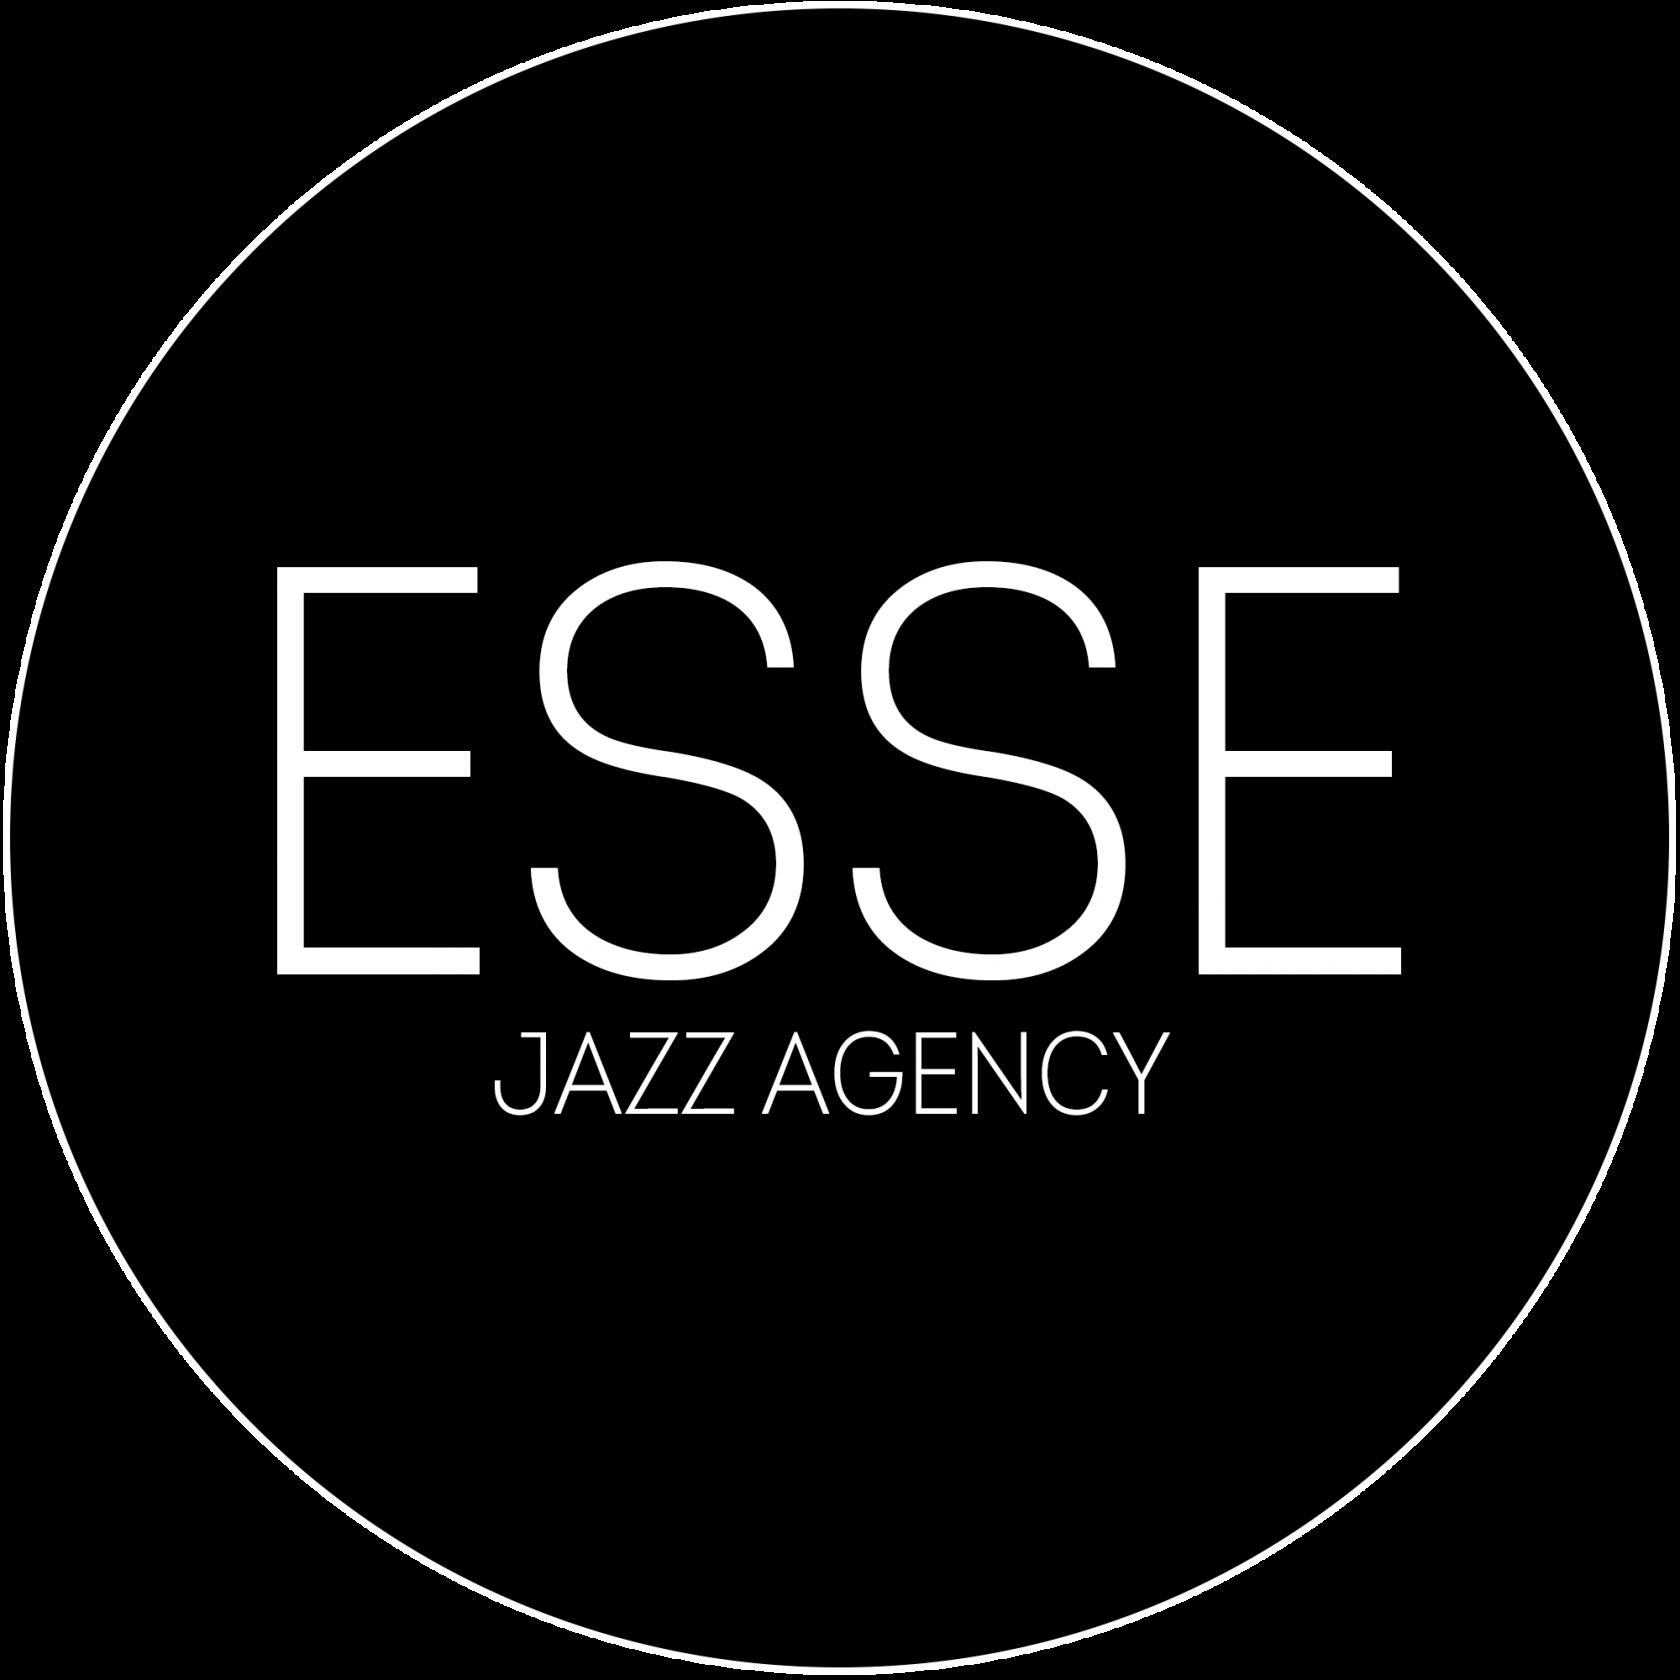 Esse Jazz Agency